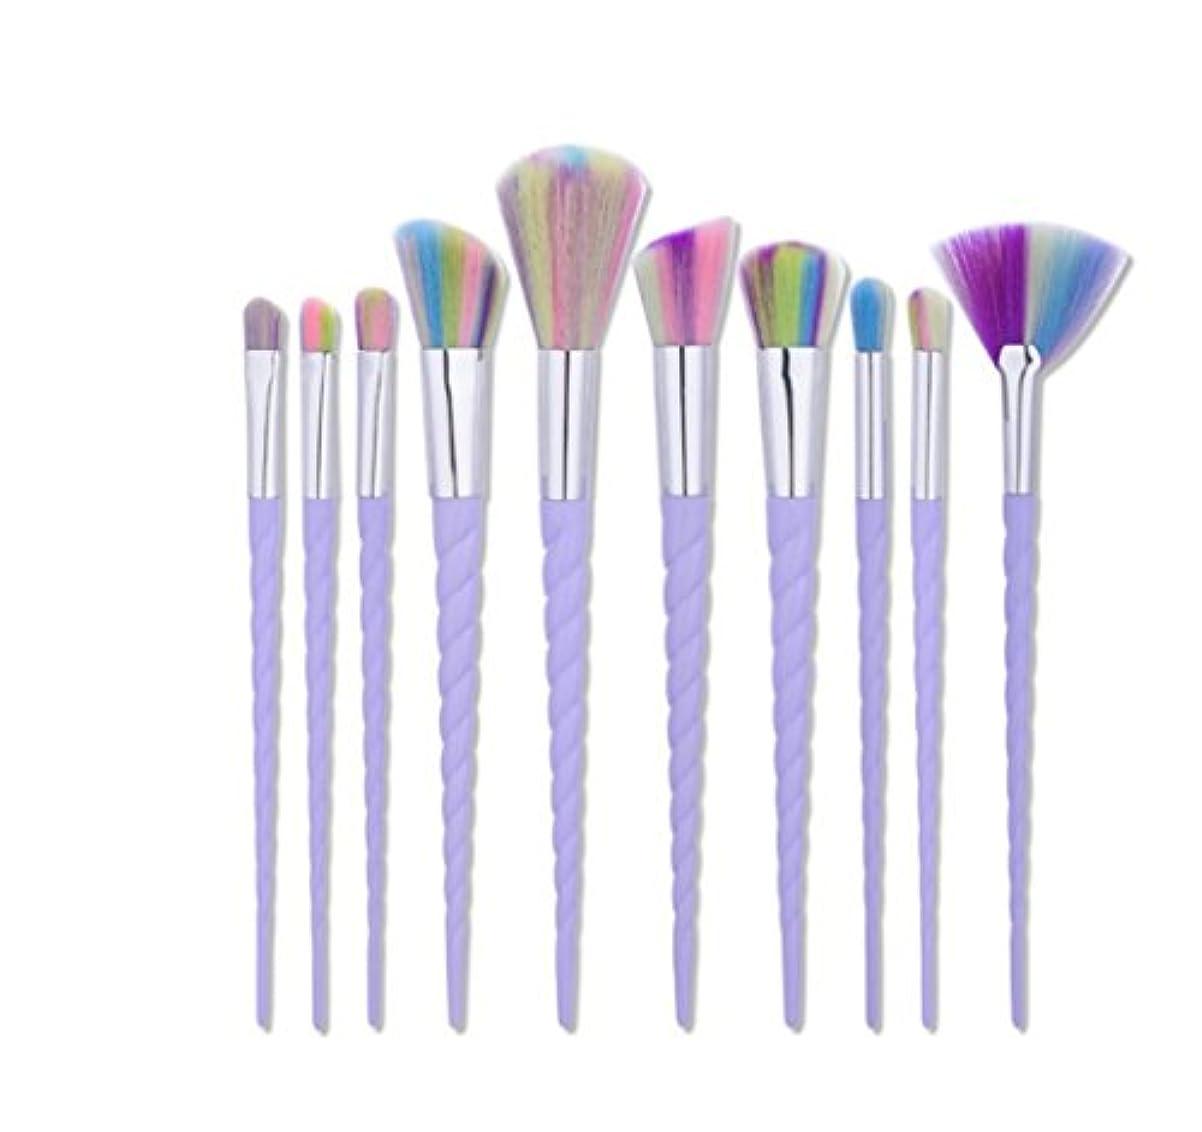 足枷想像力アメリカDilla Beauty 10本セットユニコーンデザインプラスチックハンドル形状メイクブラシセット合成毛ファンデーションブラシアイシャドーブラッシャー美容ツール (ホワイト-4)